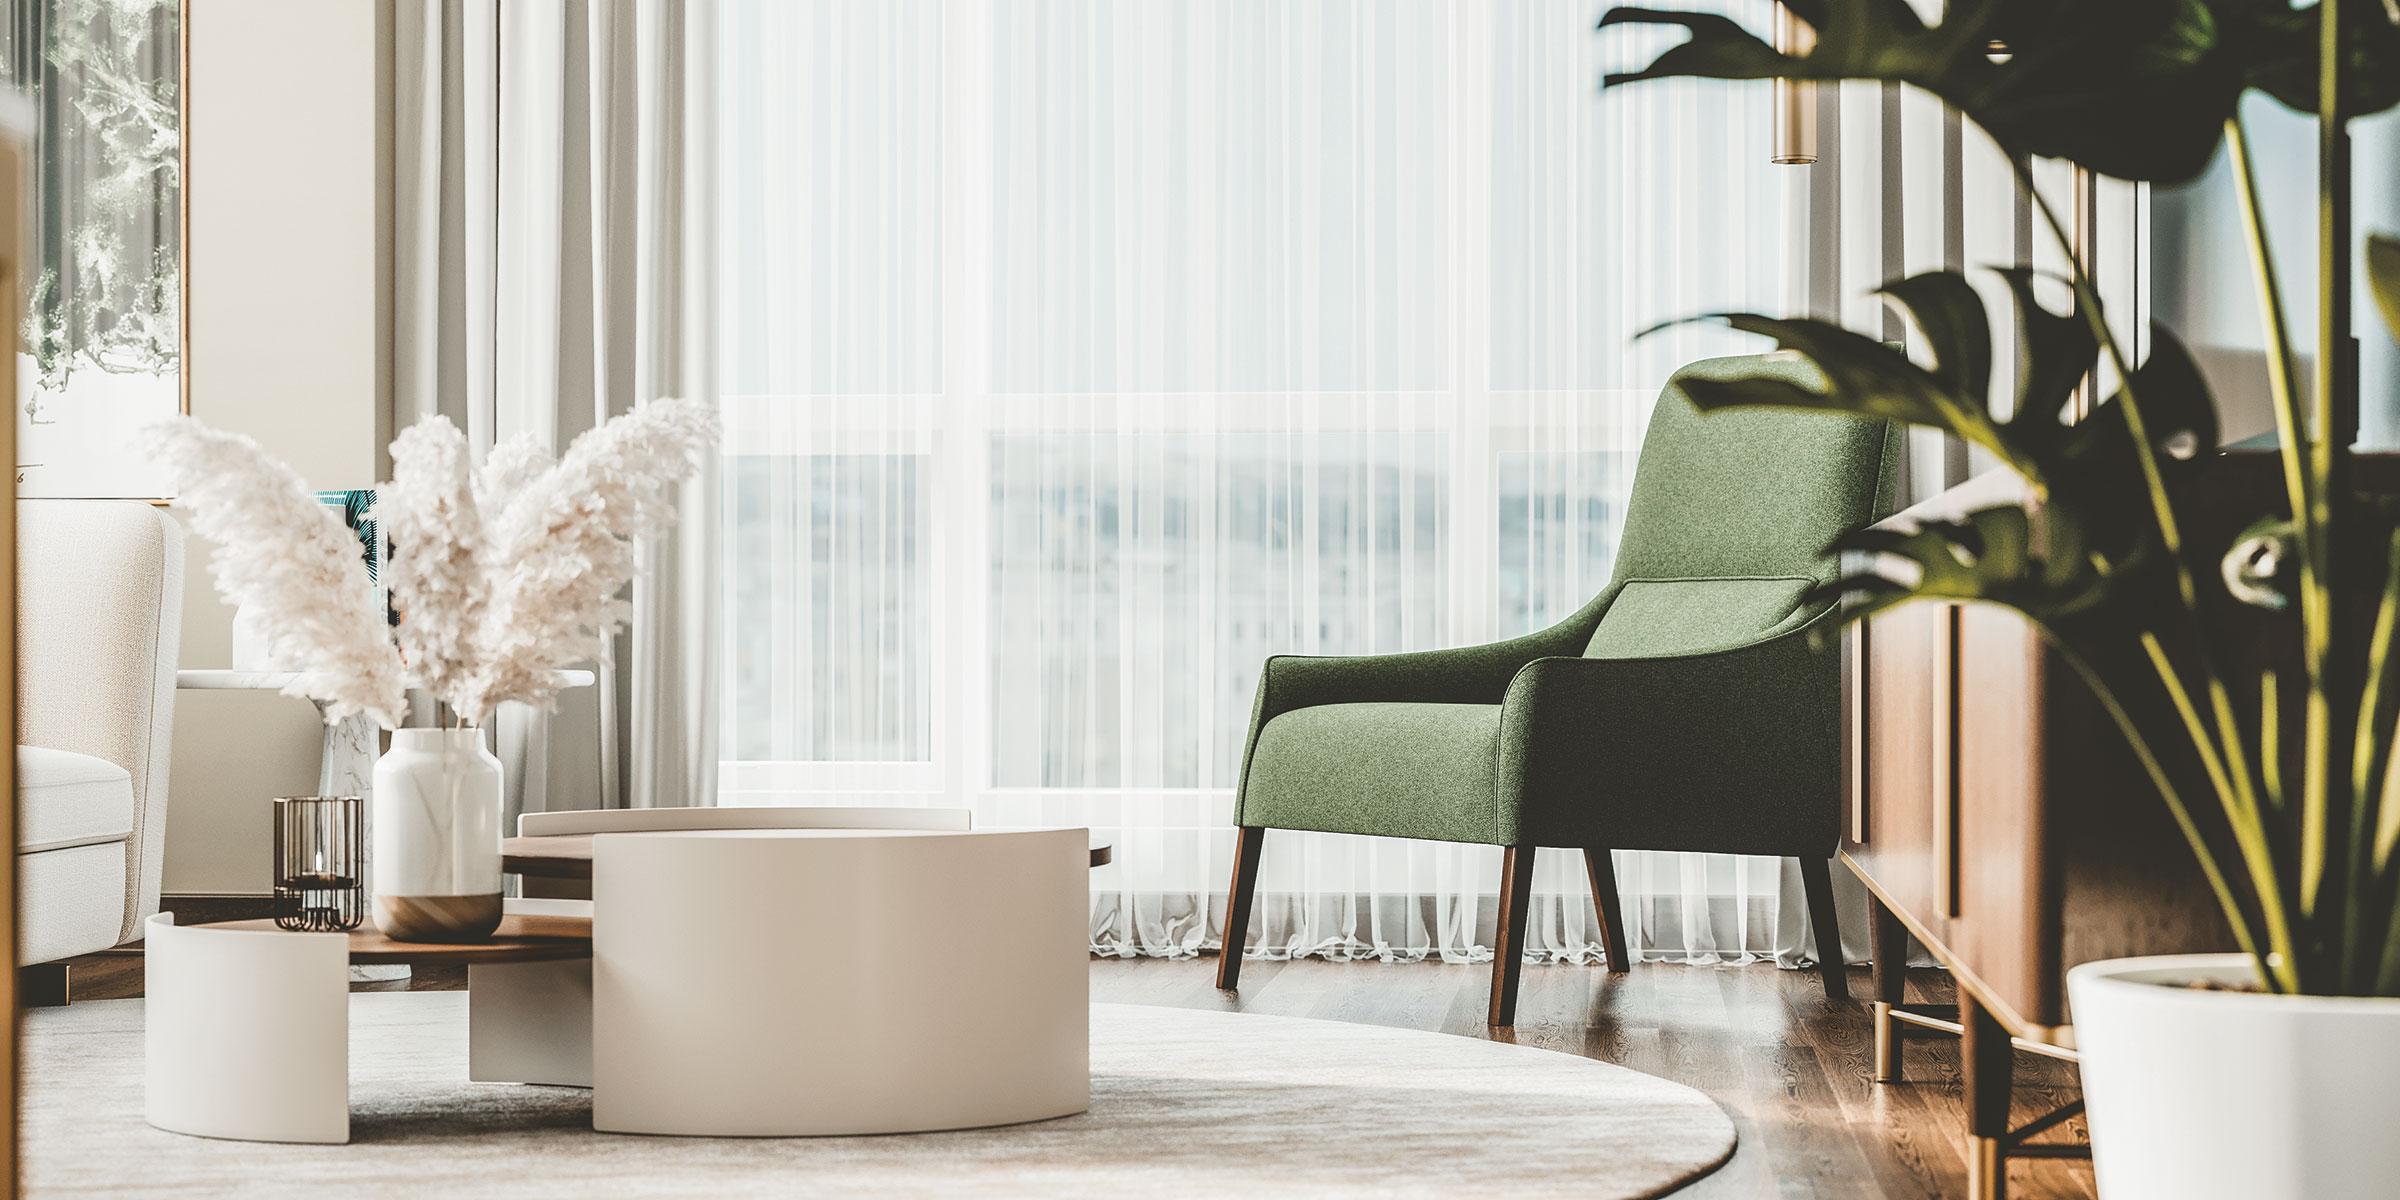 Table et chaise dans un condo joia